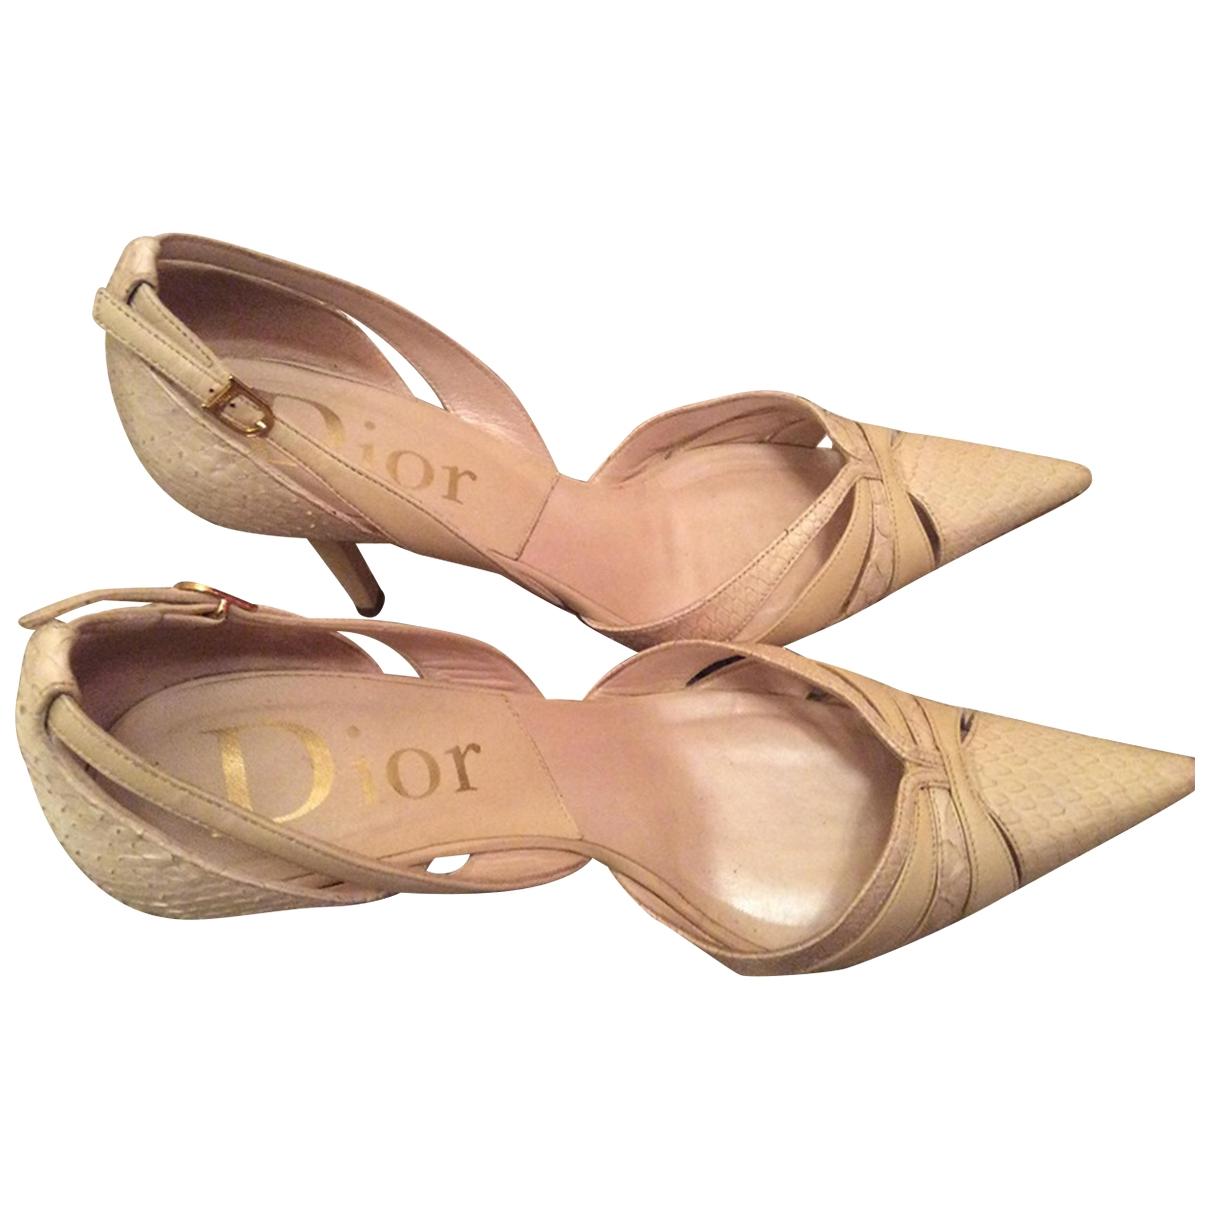 Dior - Escarpins   pour femme en serpent deau - beige